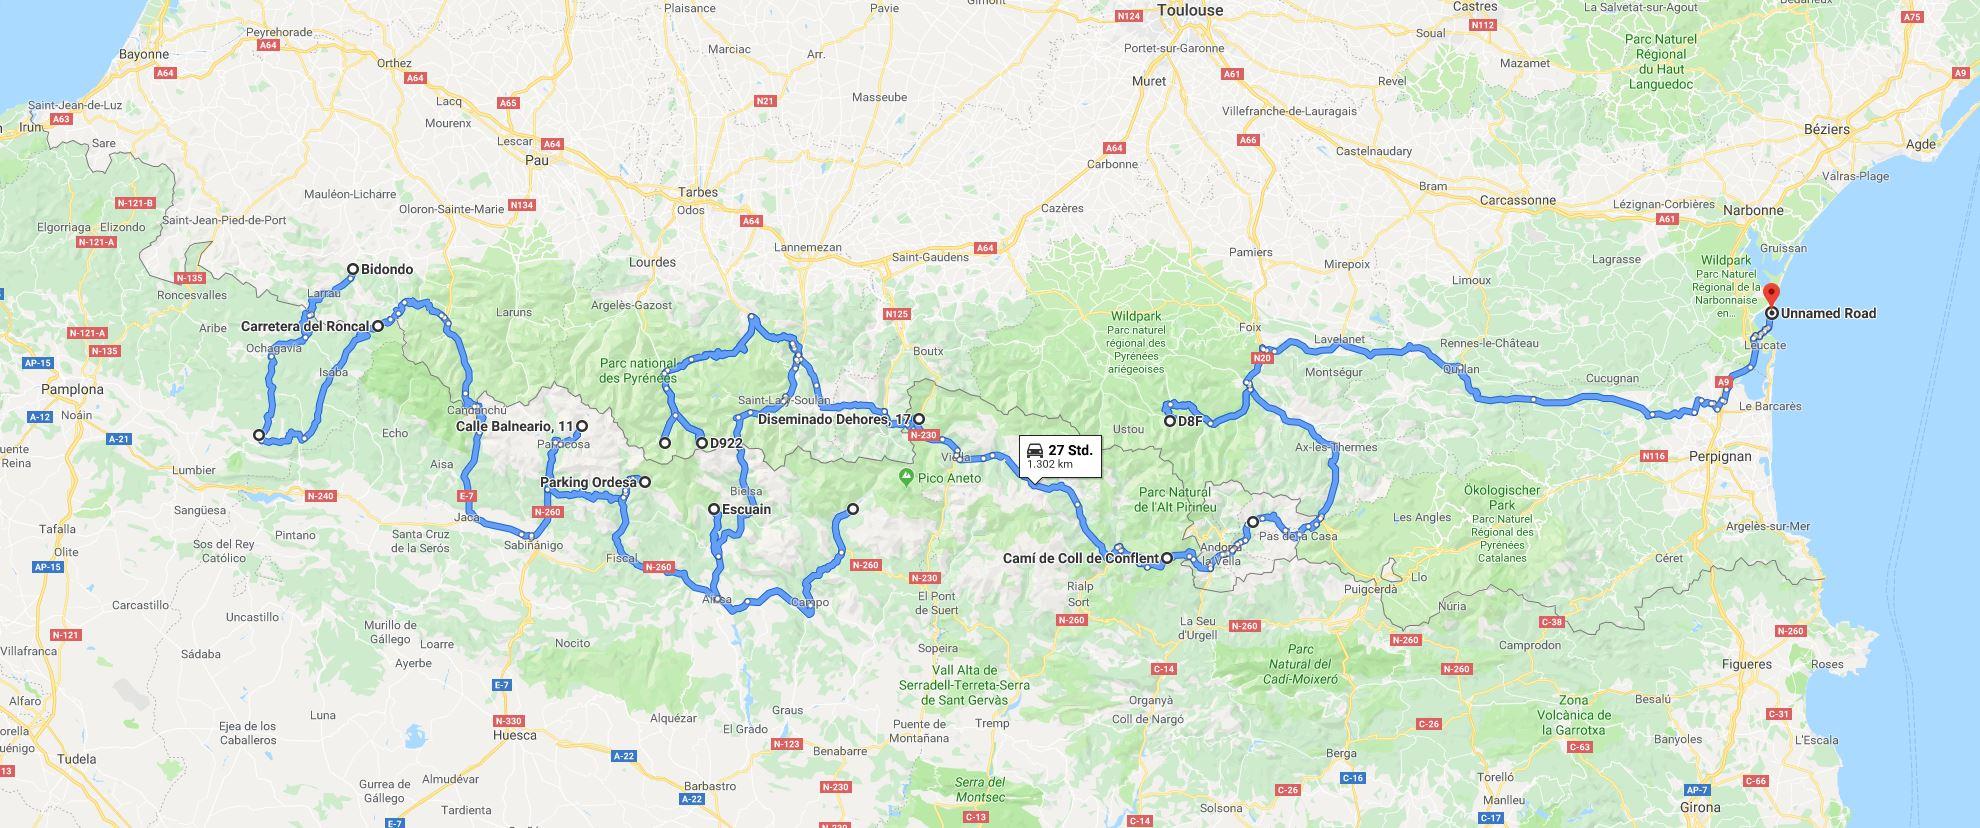 Tour des Pyrénées